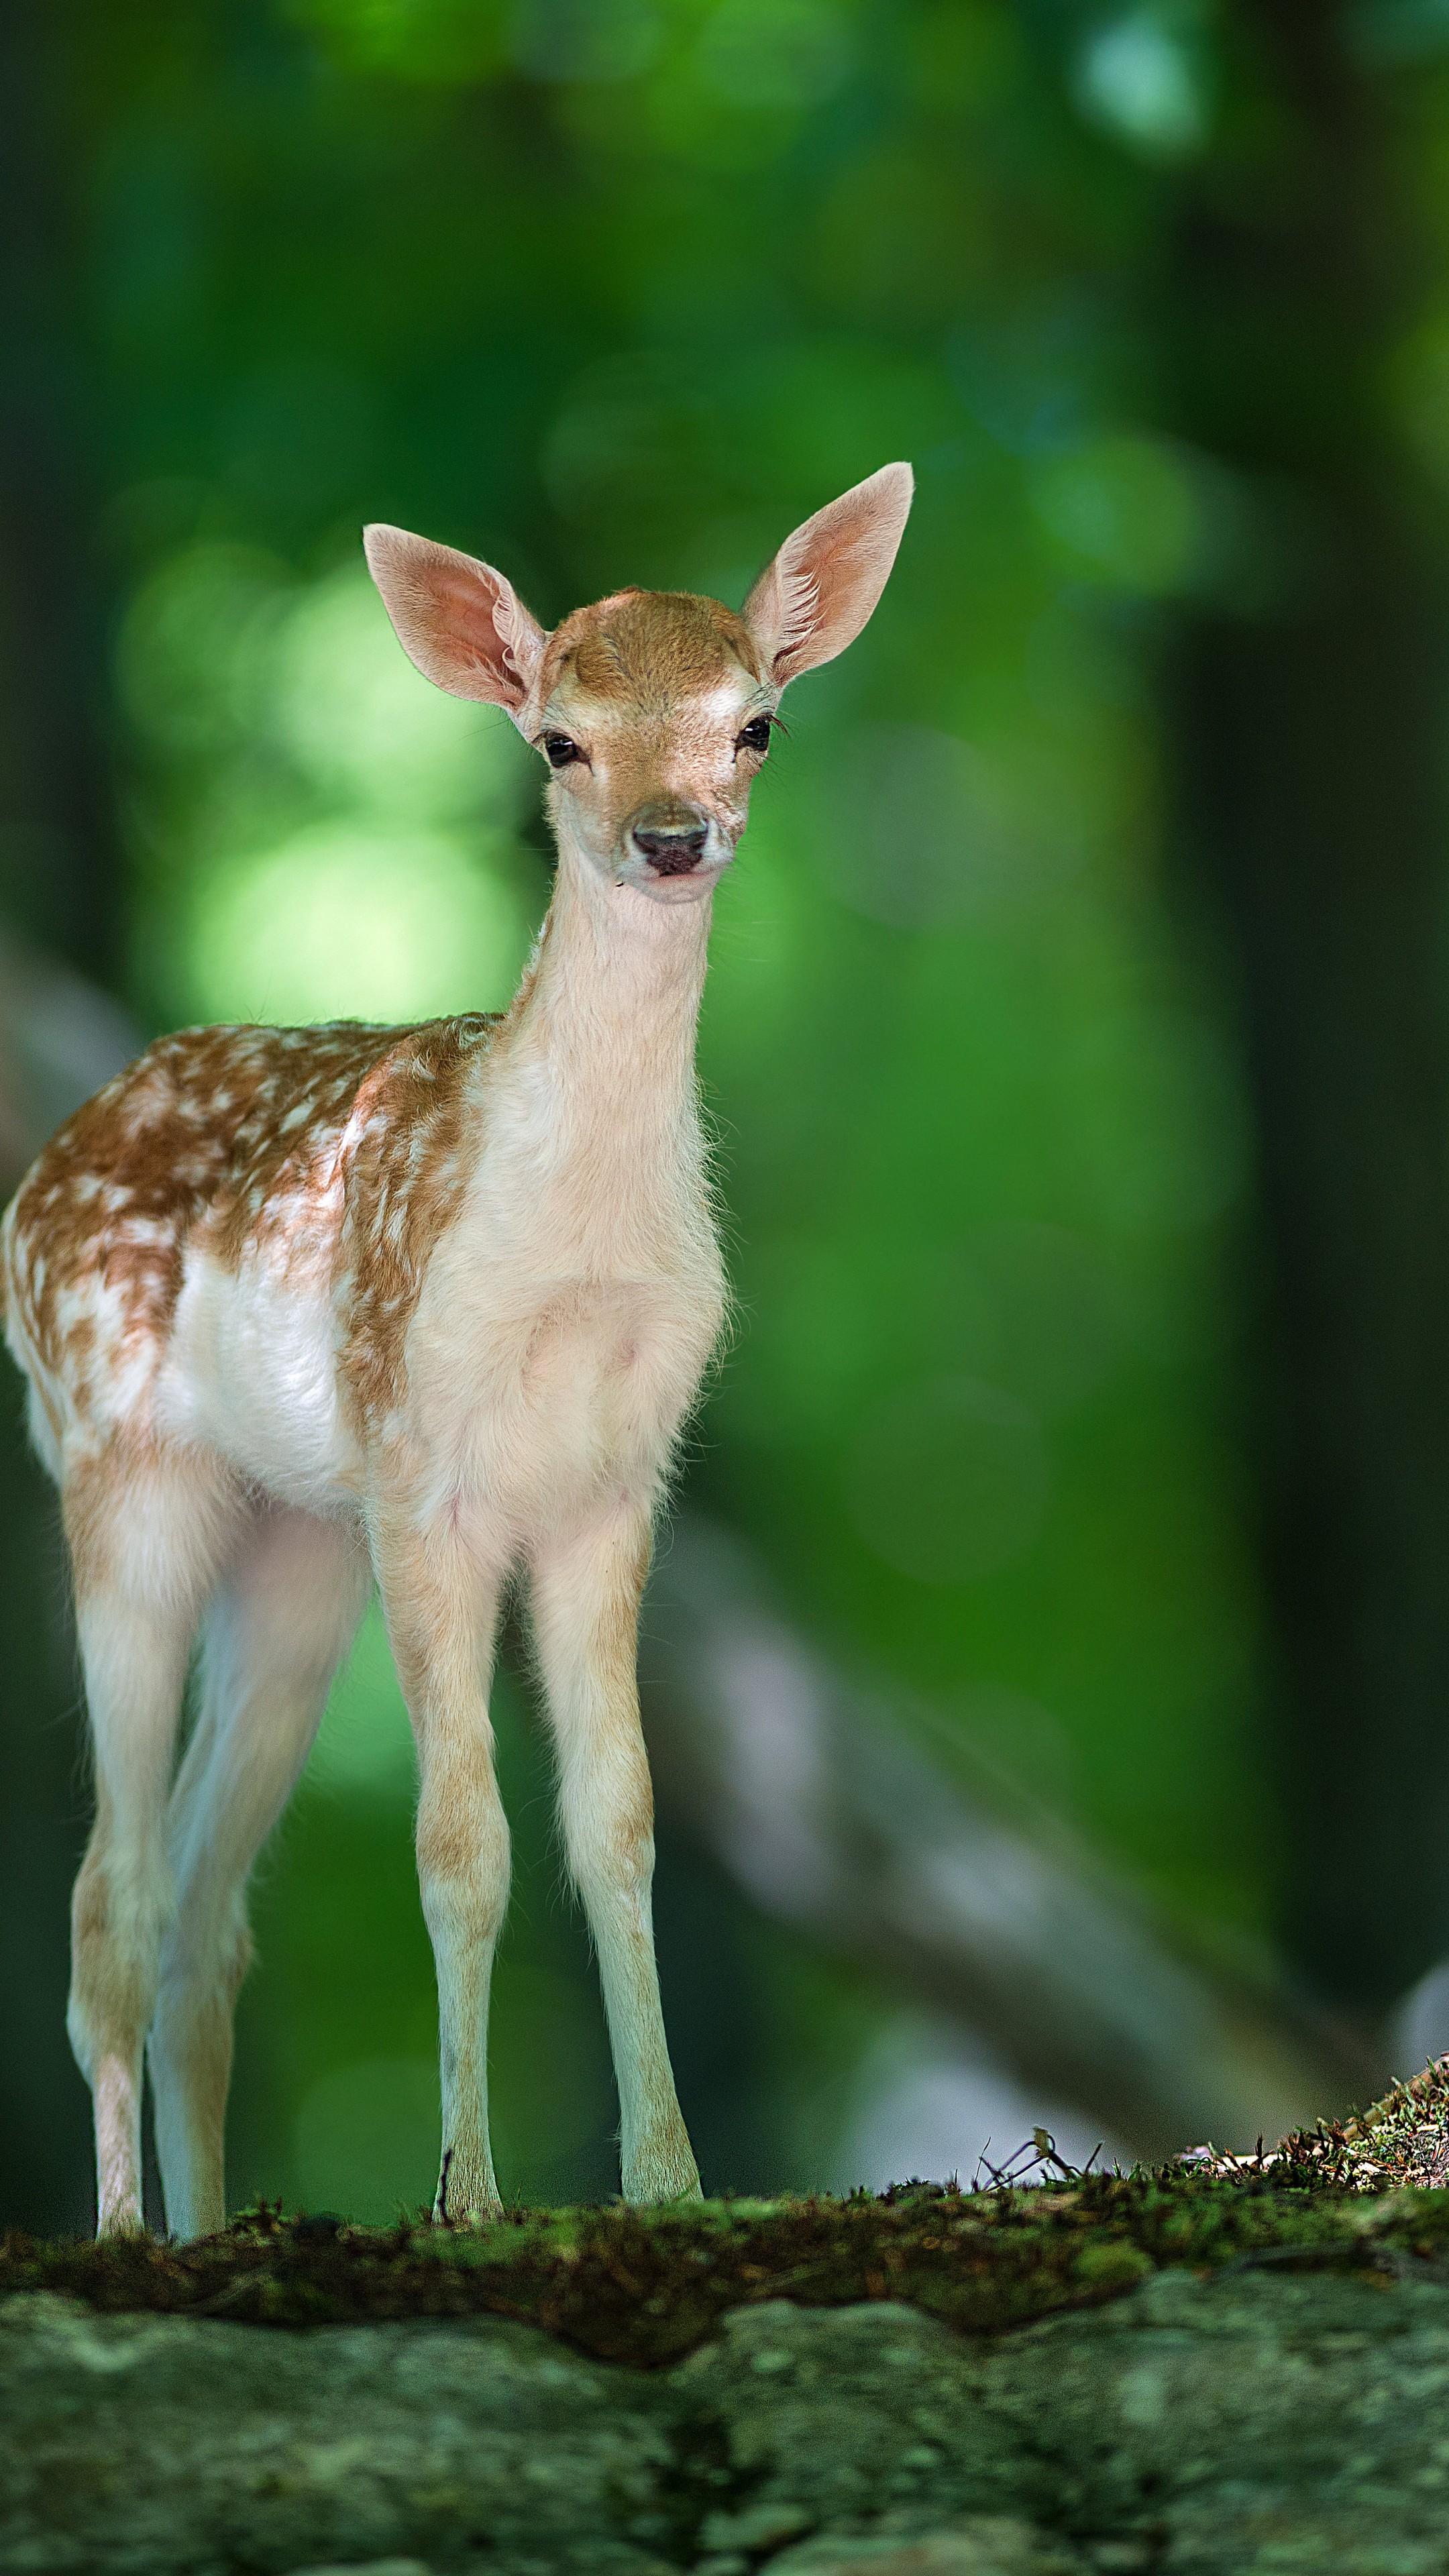 Wallpaper Deer Cute Animals Forest Animals 4575